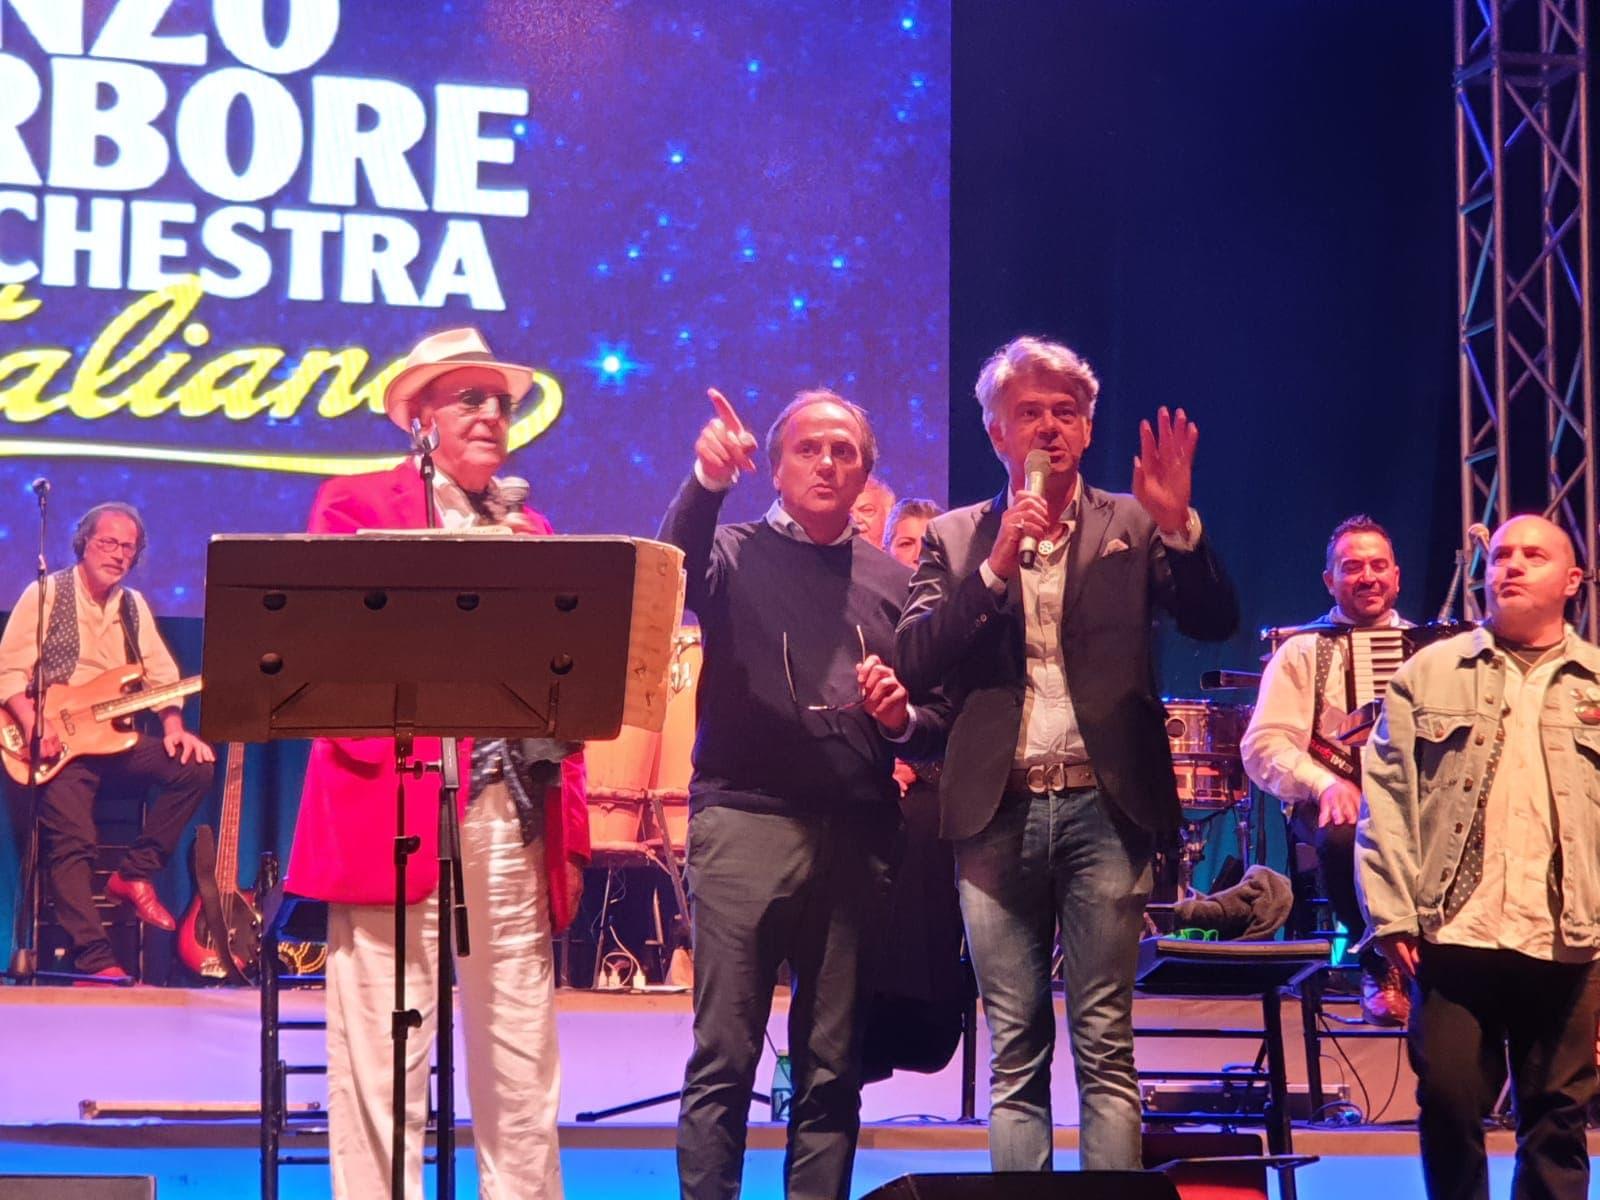 Conferimento premio giornalistico ad honorem al maestro Renzo Arbore e l'Orchestra Italiana 17 Agosto 2019